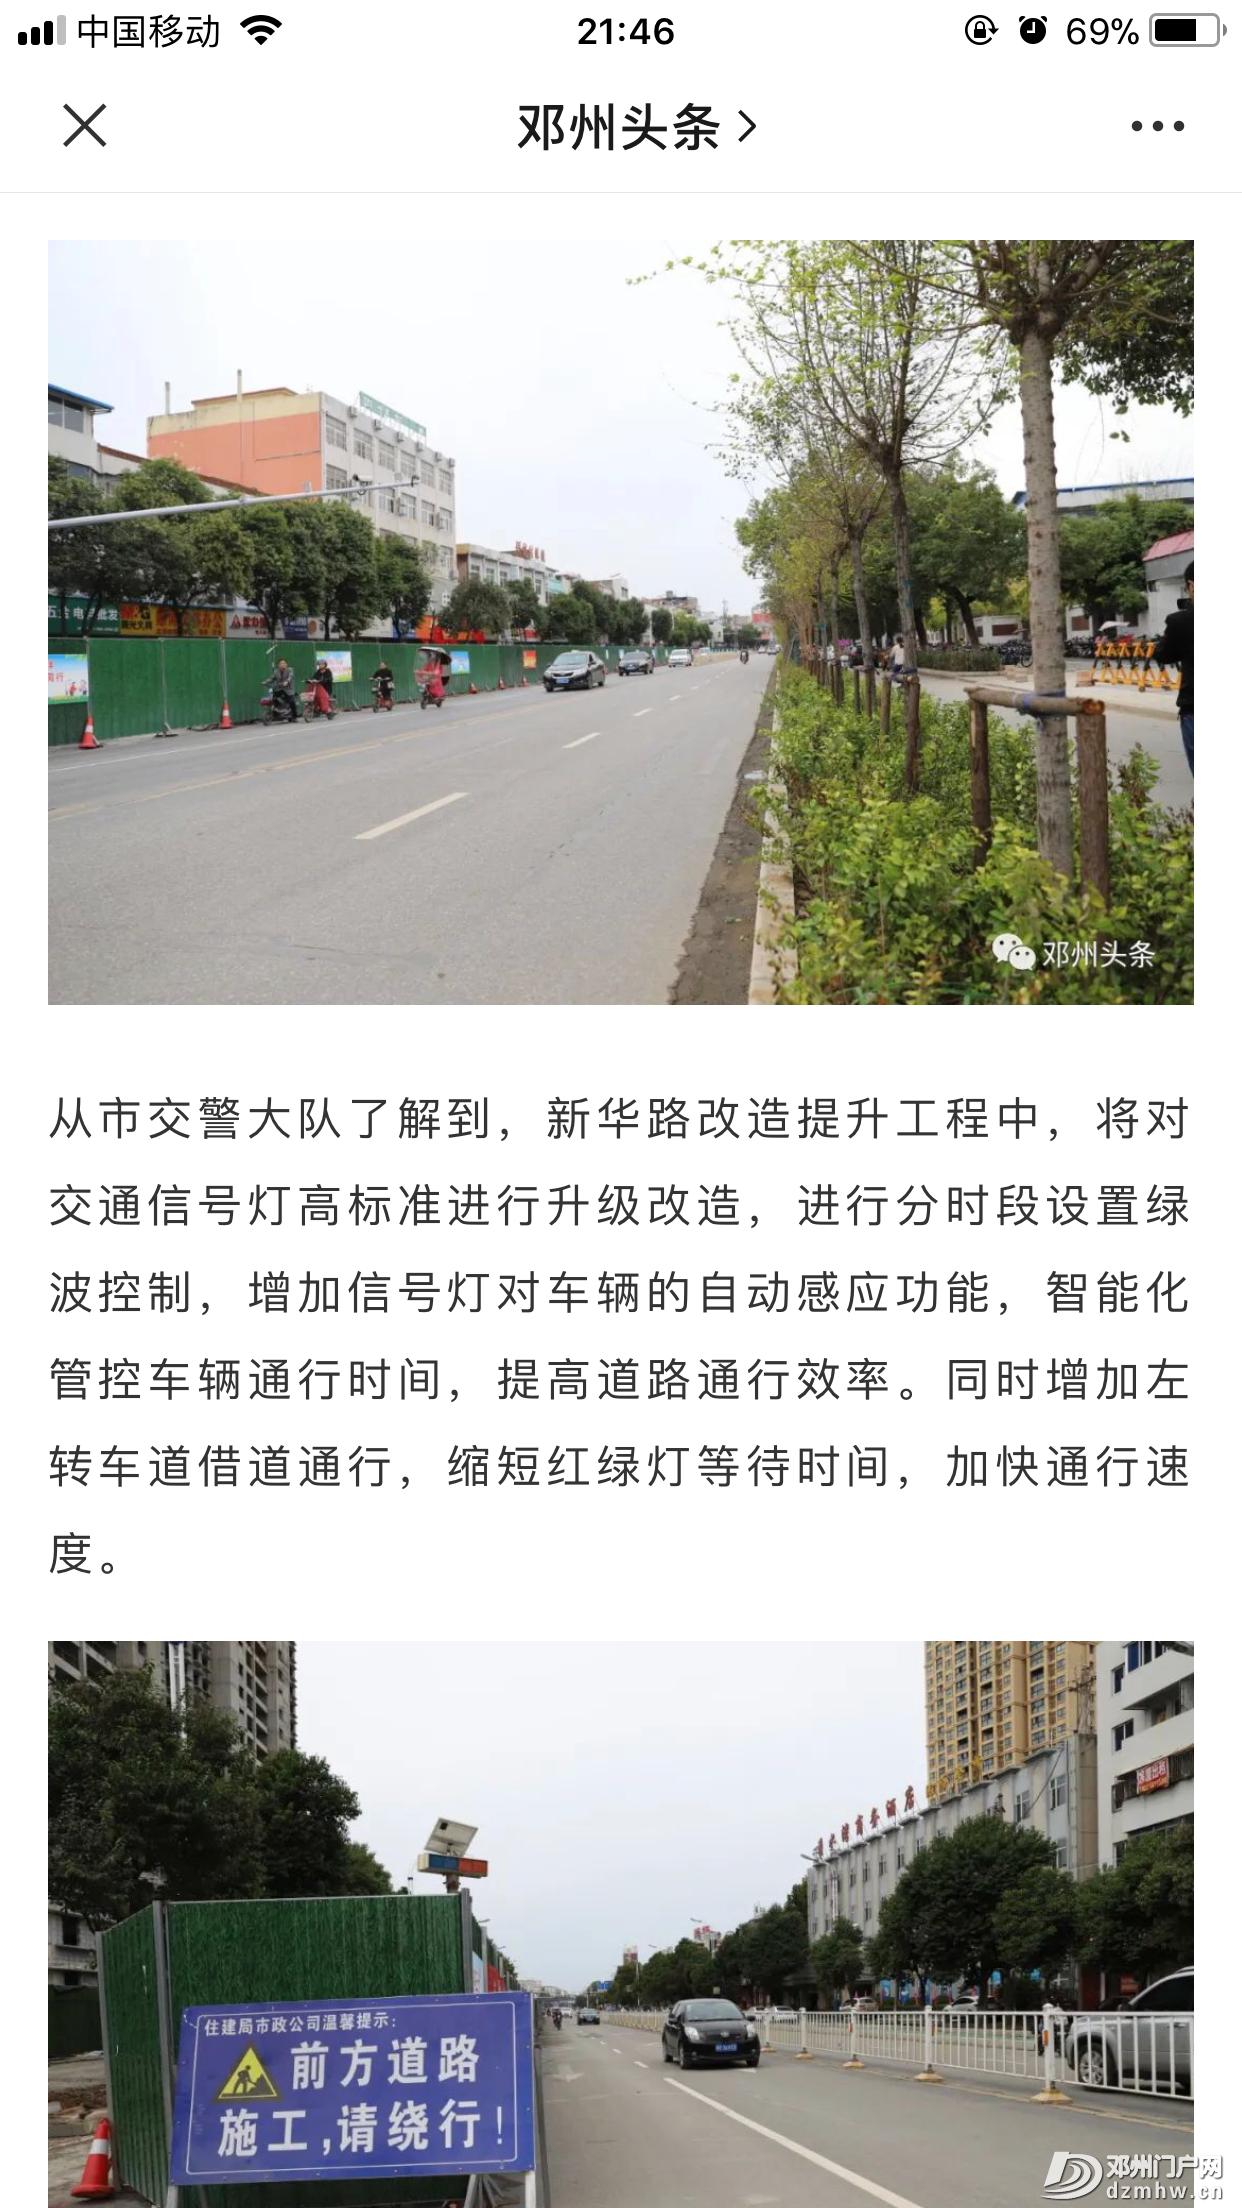 记者现场探访:带你了解新华路提质改造工程最新进展! - 邓州门户网|邓州网 - 9e90660ee141168854dc0e79567c34b4.png